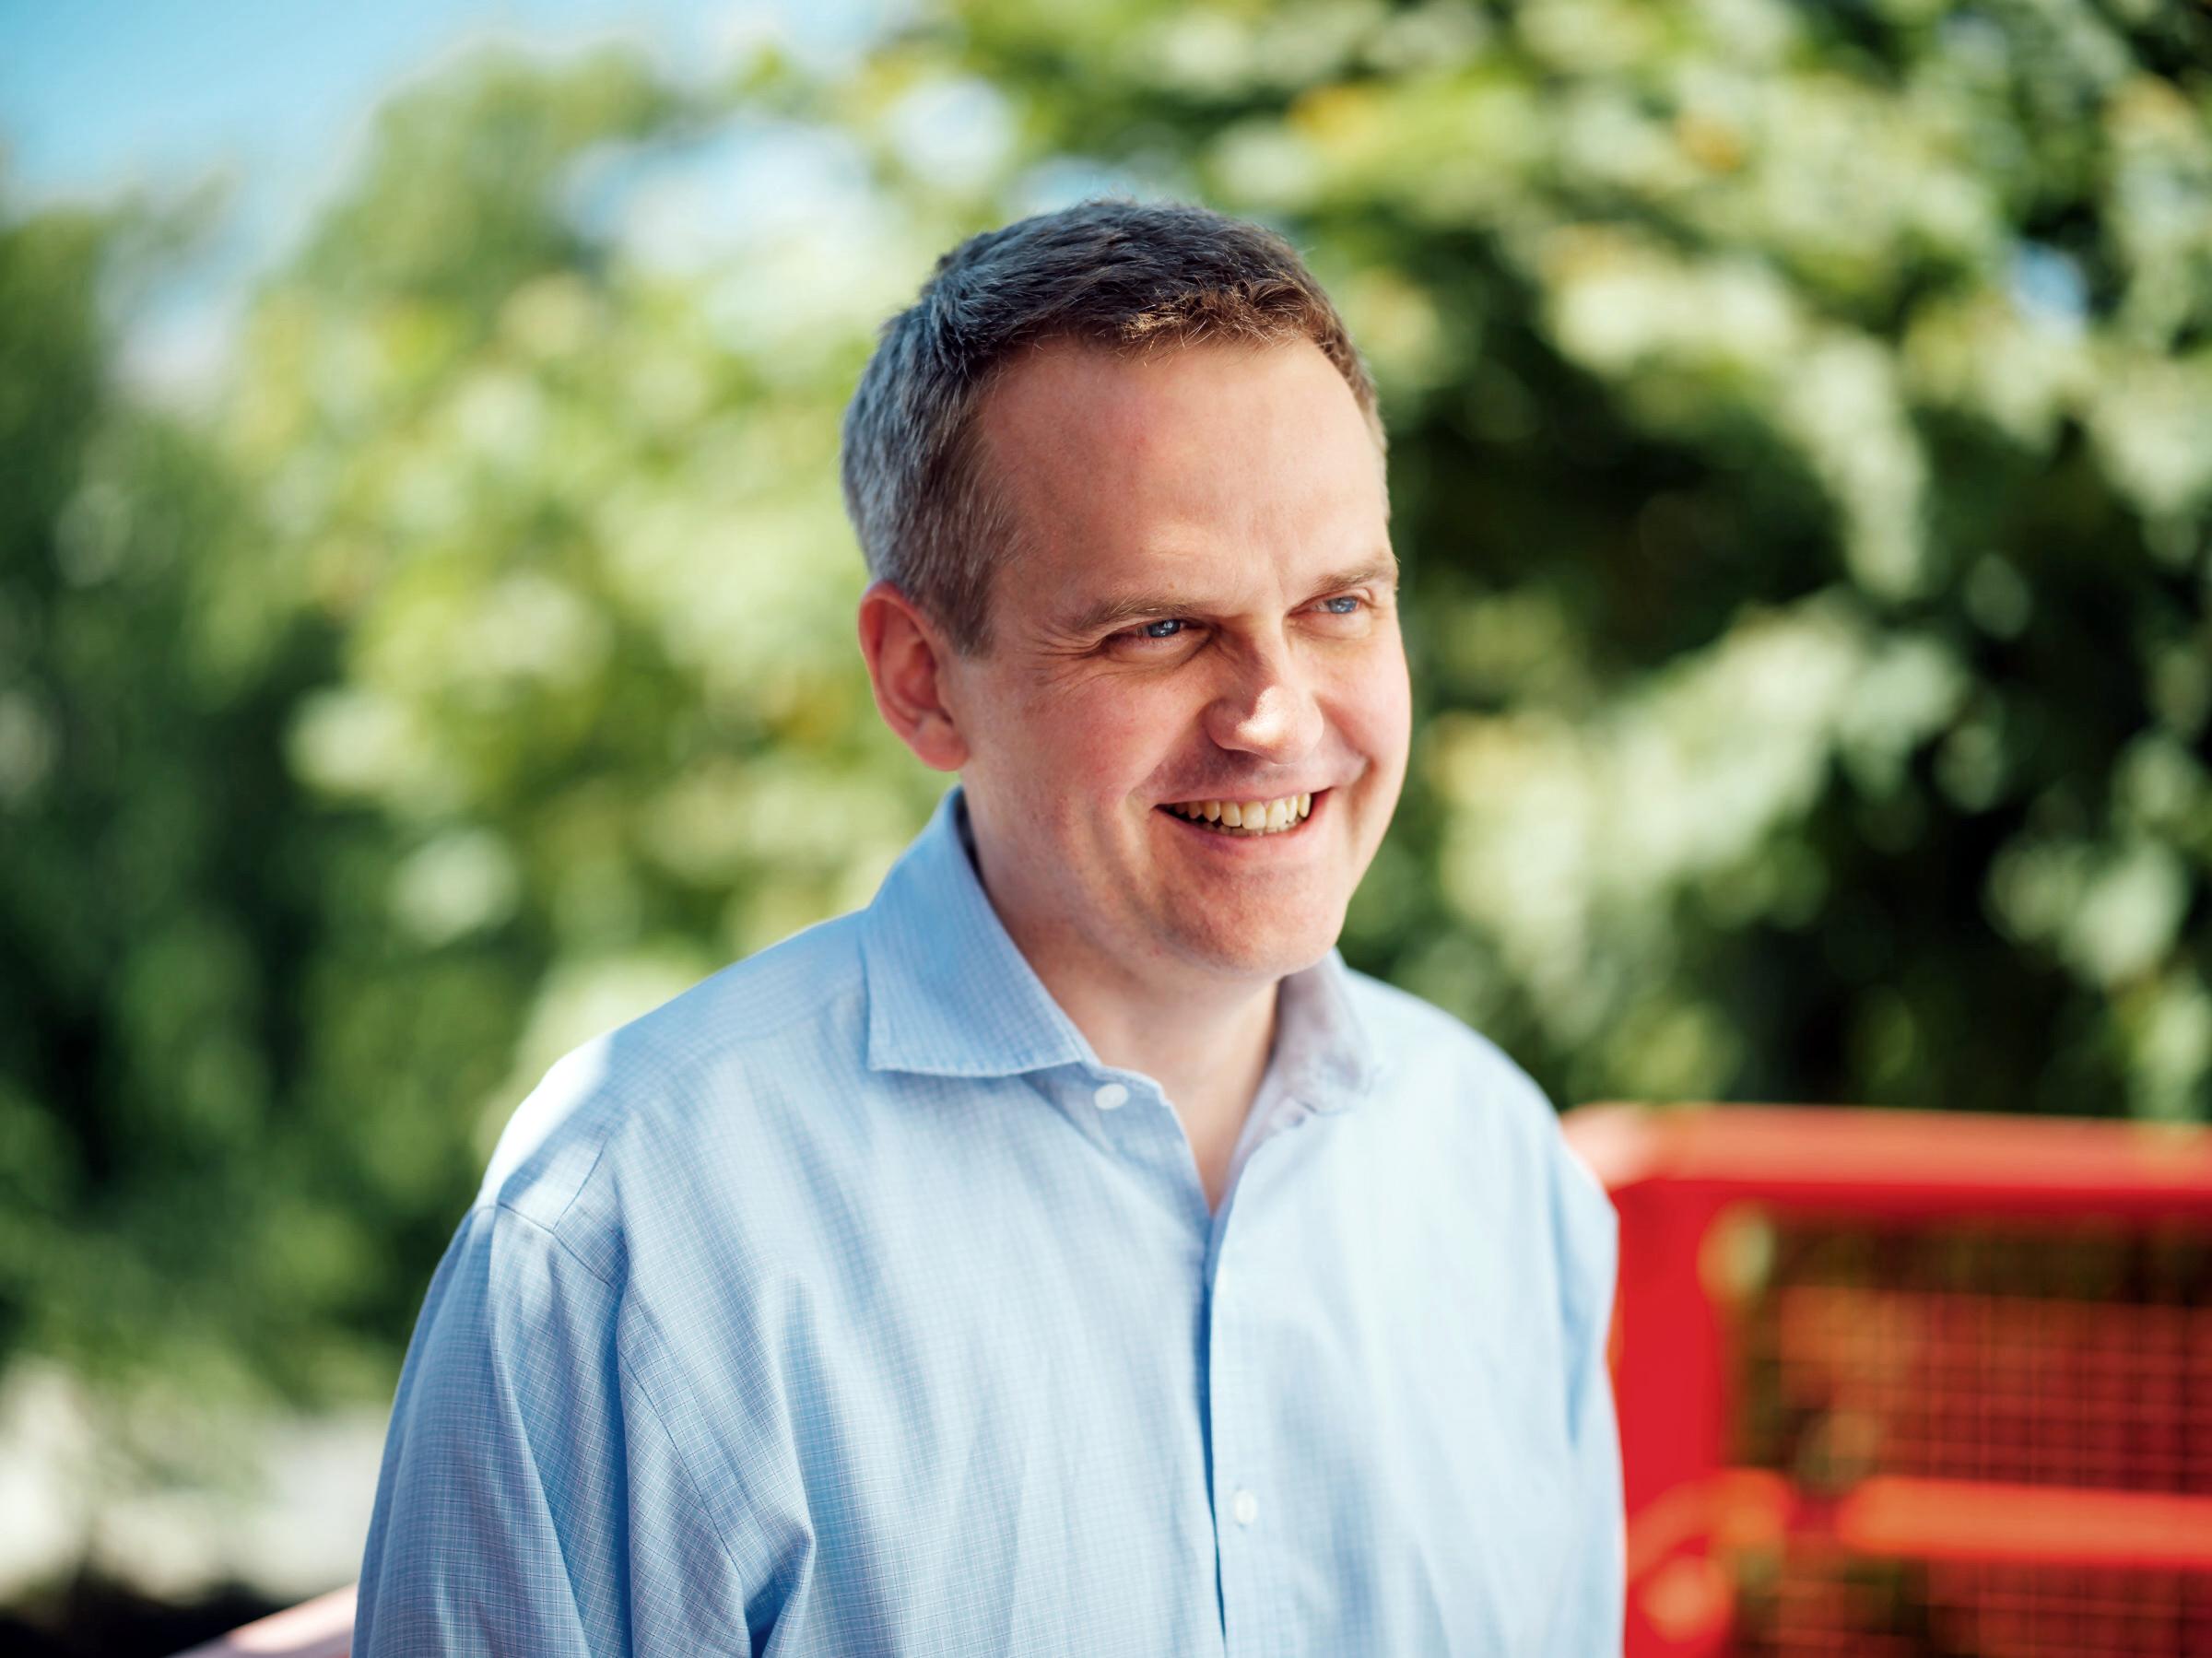 Michel Protti